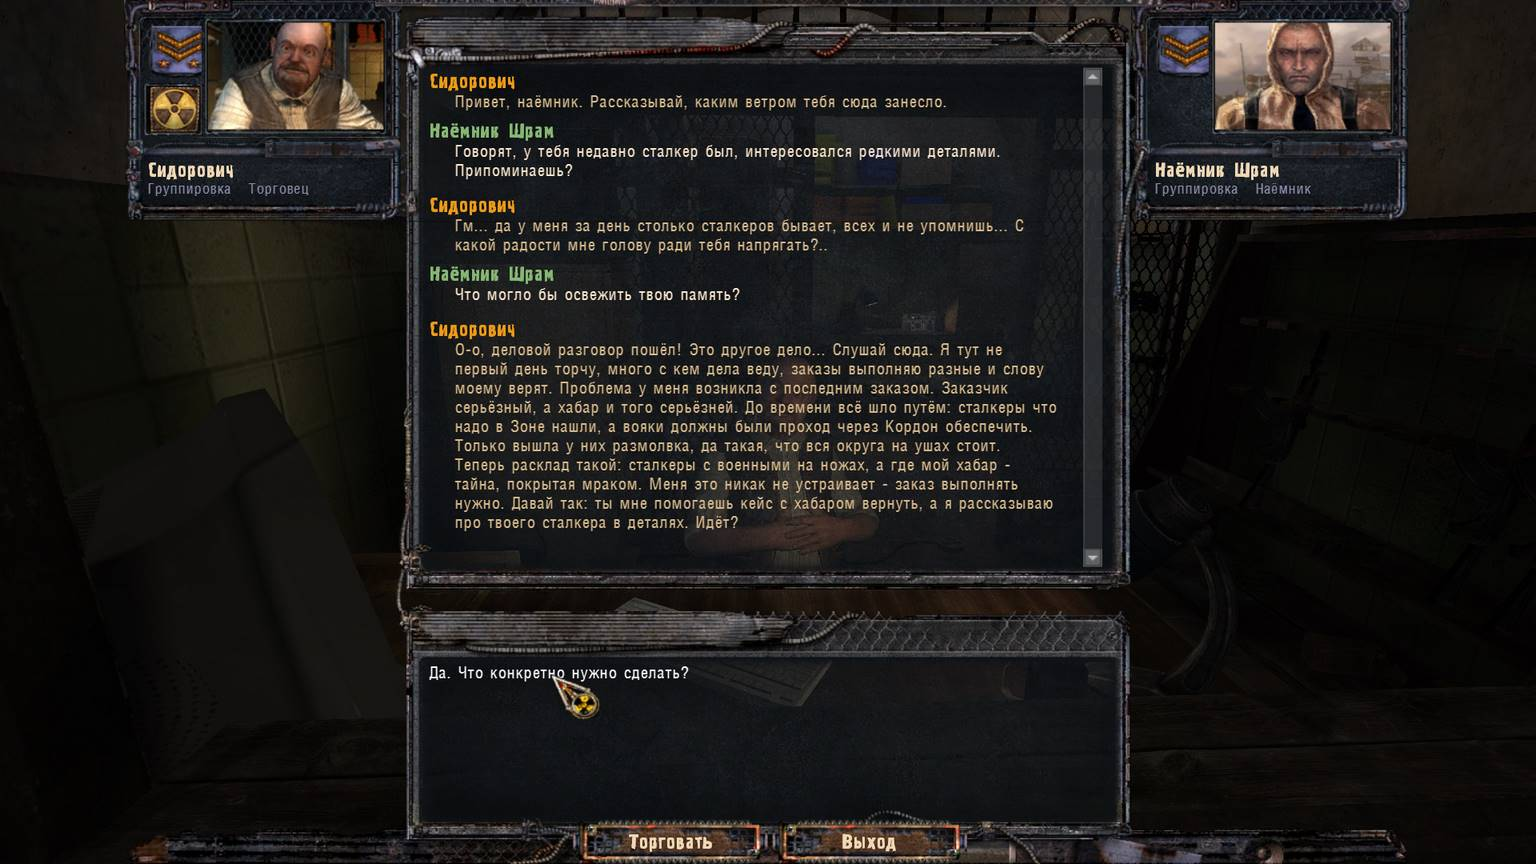 Сталкер как сделать торговца